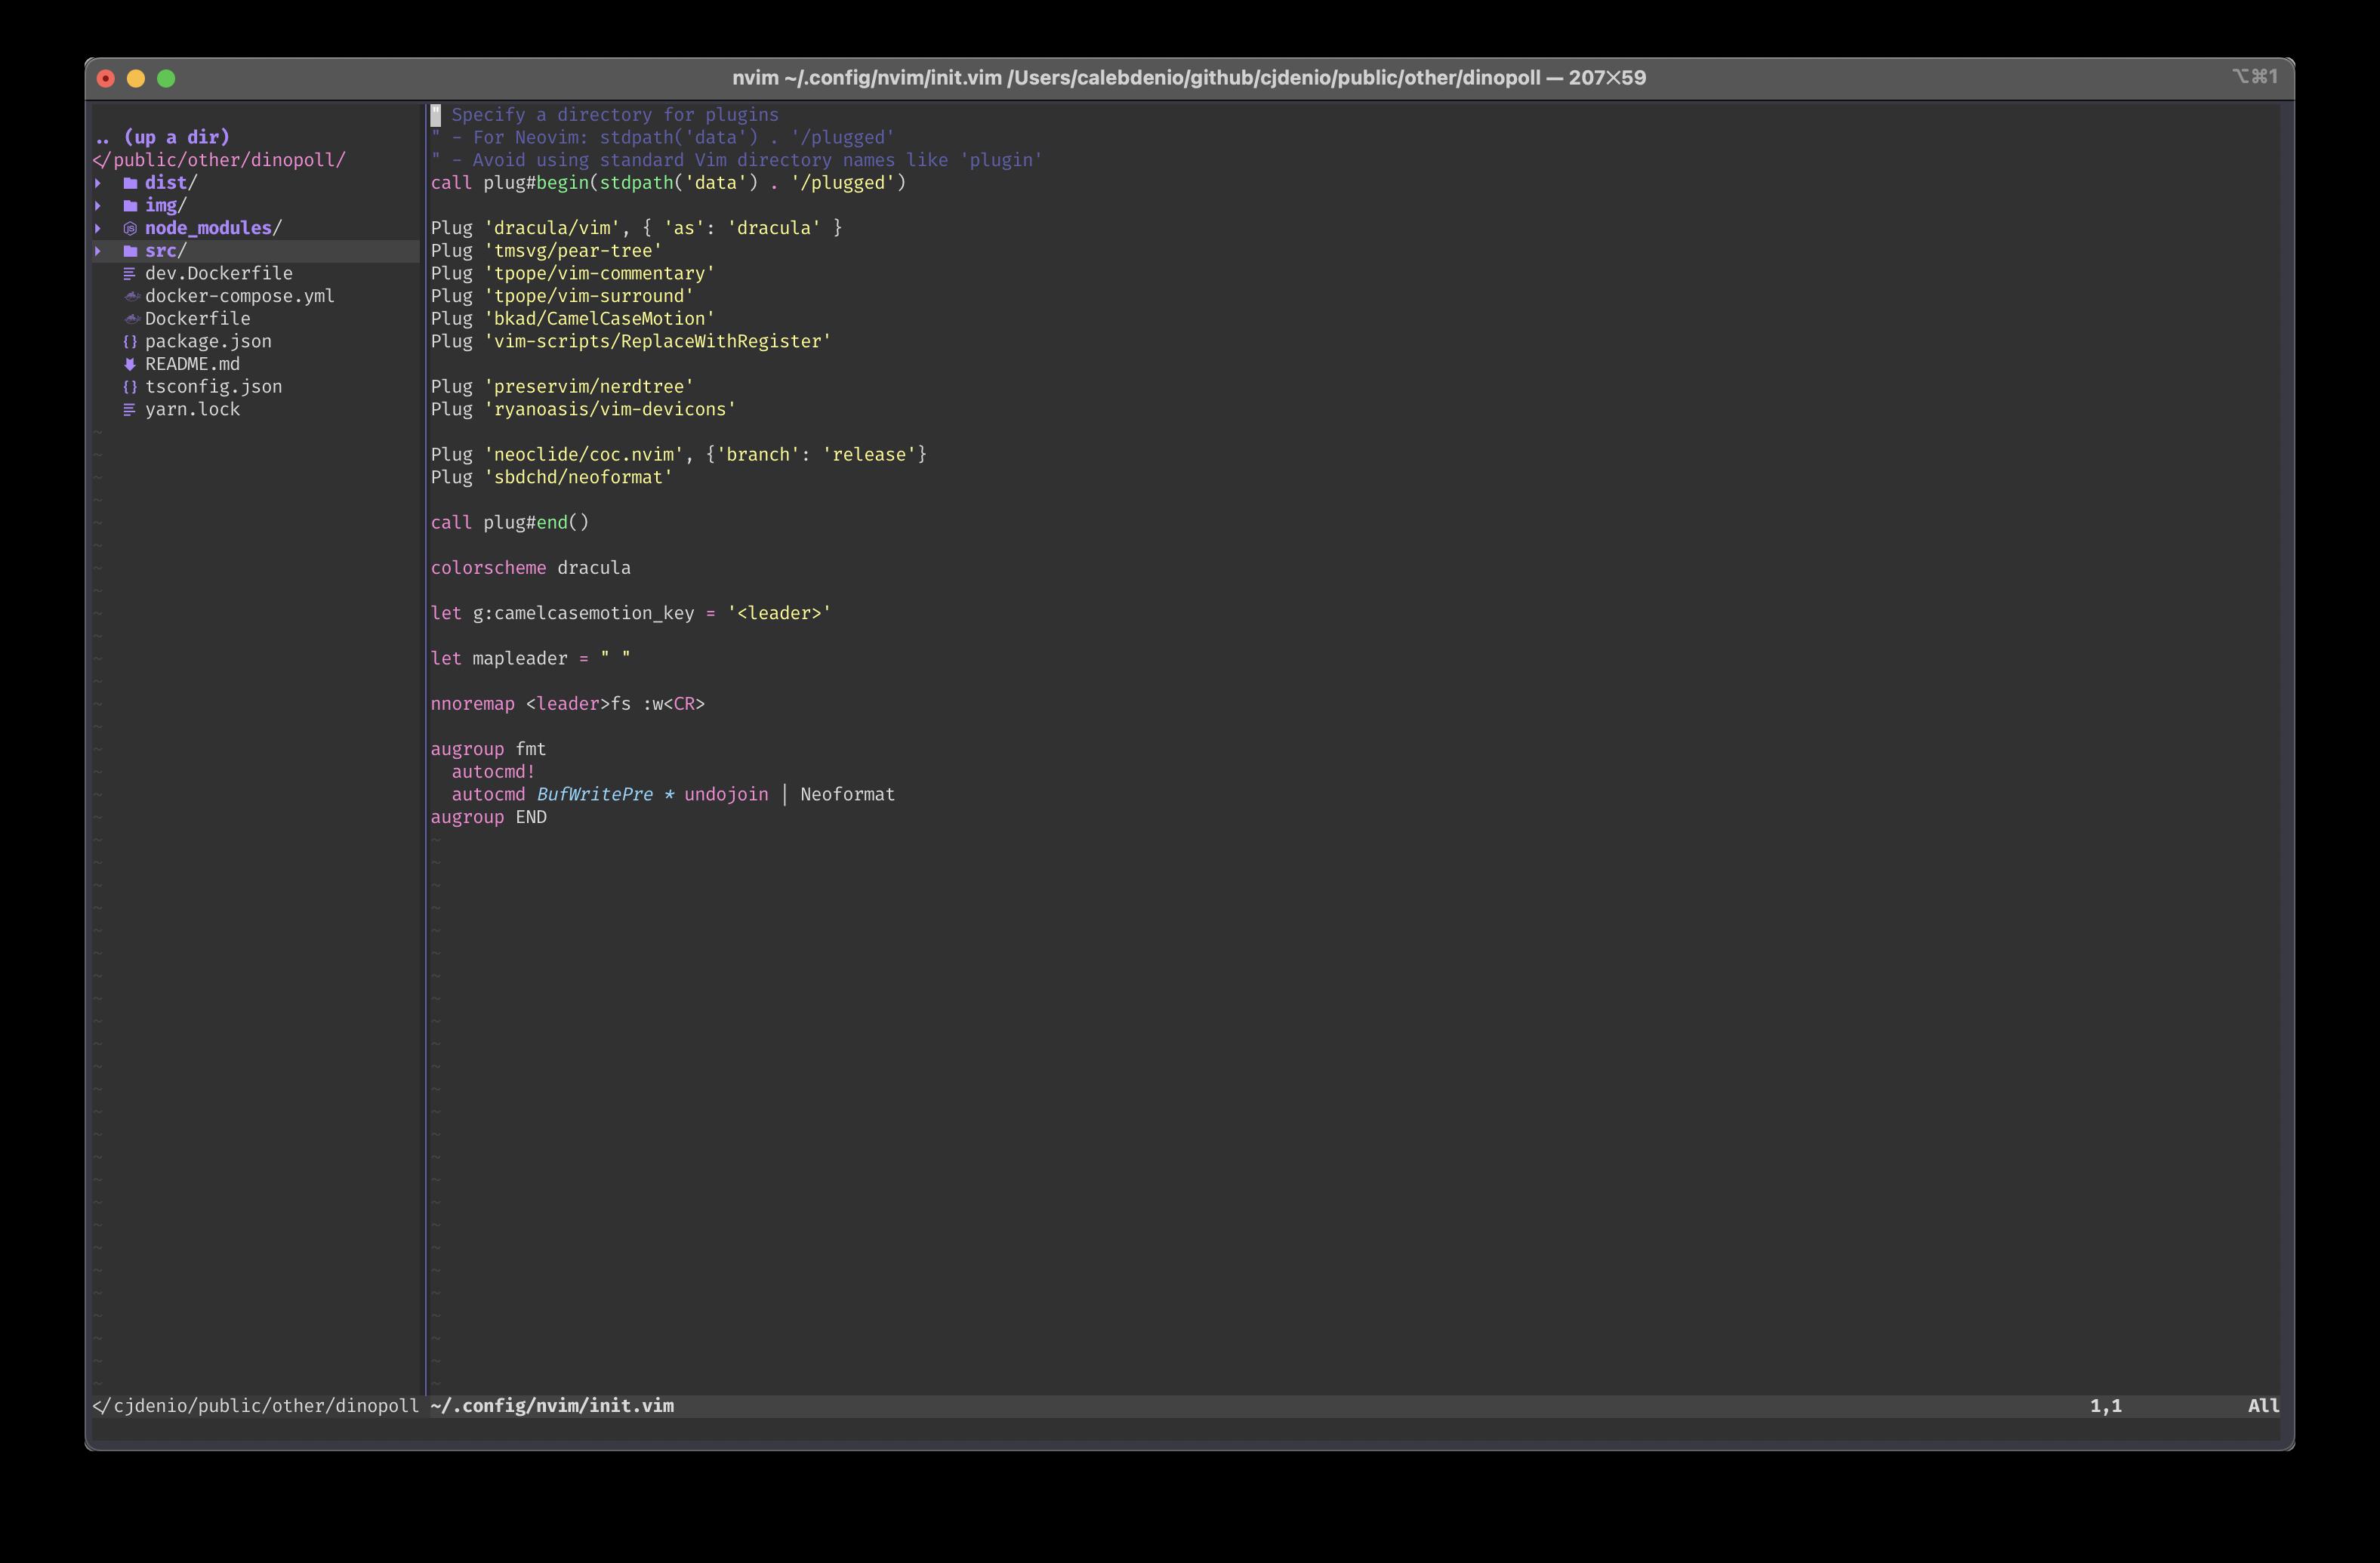 https://cloud-qctdjgjxw-hack-club-bot.vercel.app/0screen_shot_2021-04-10_at_1.11.42_pm.png